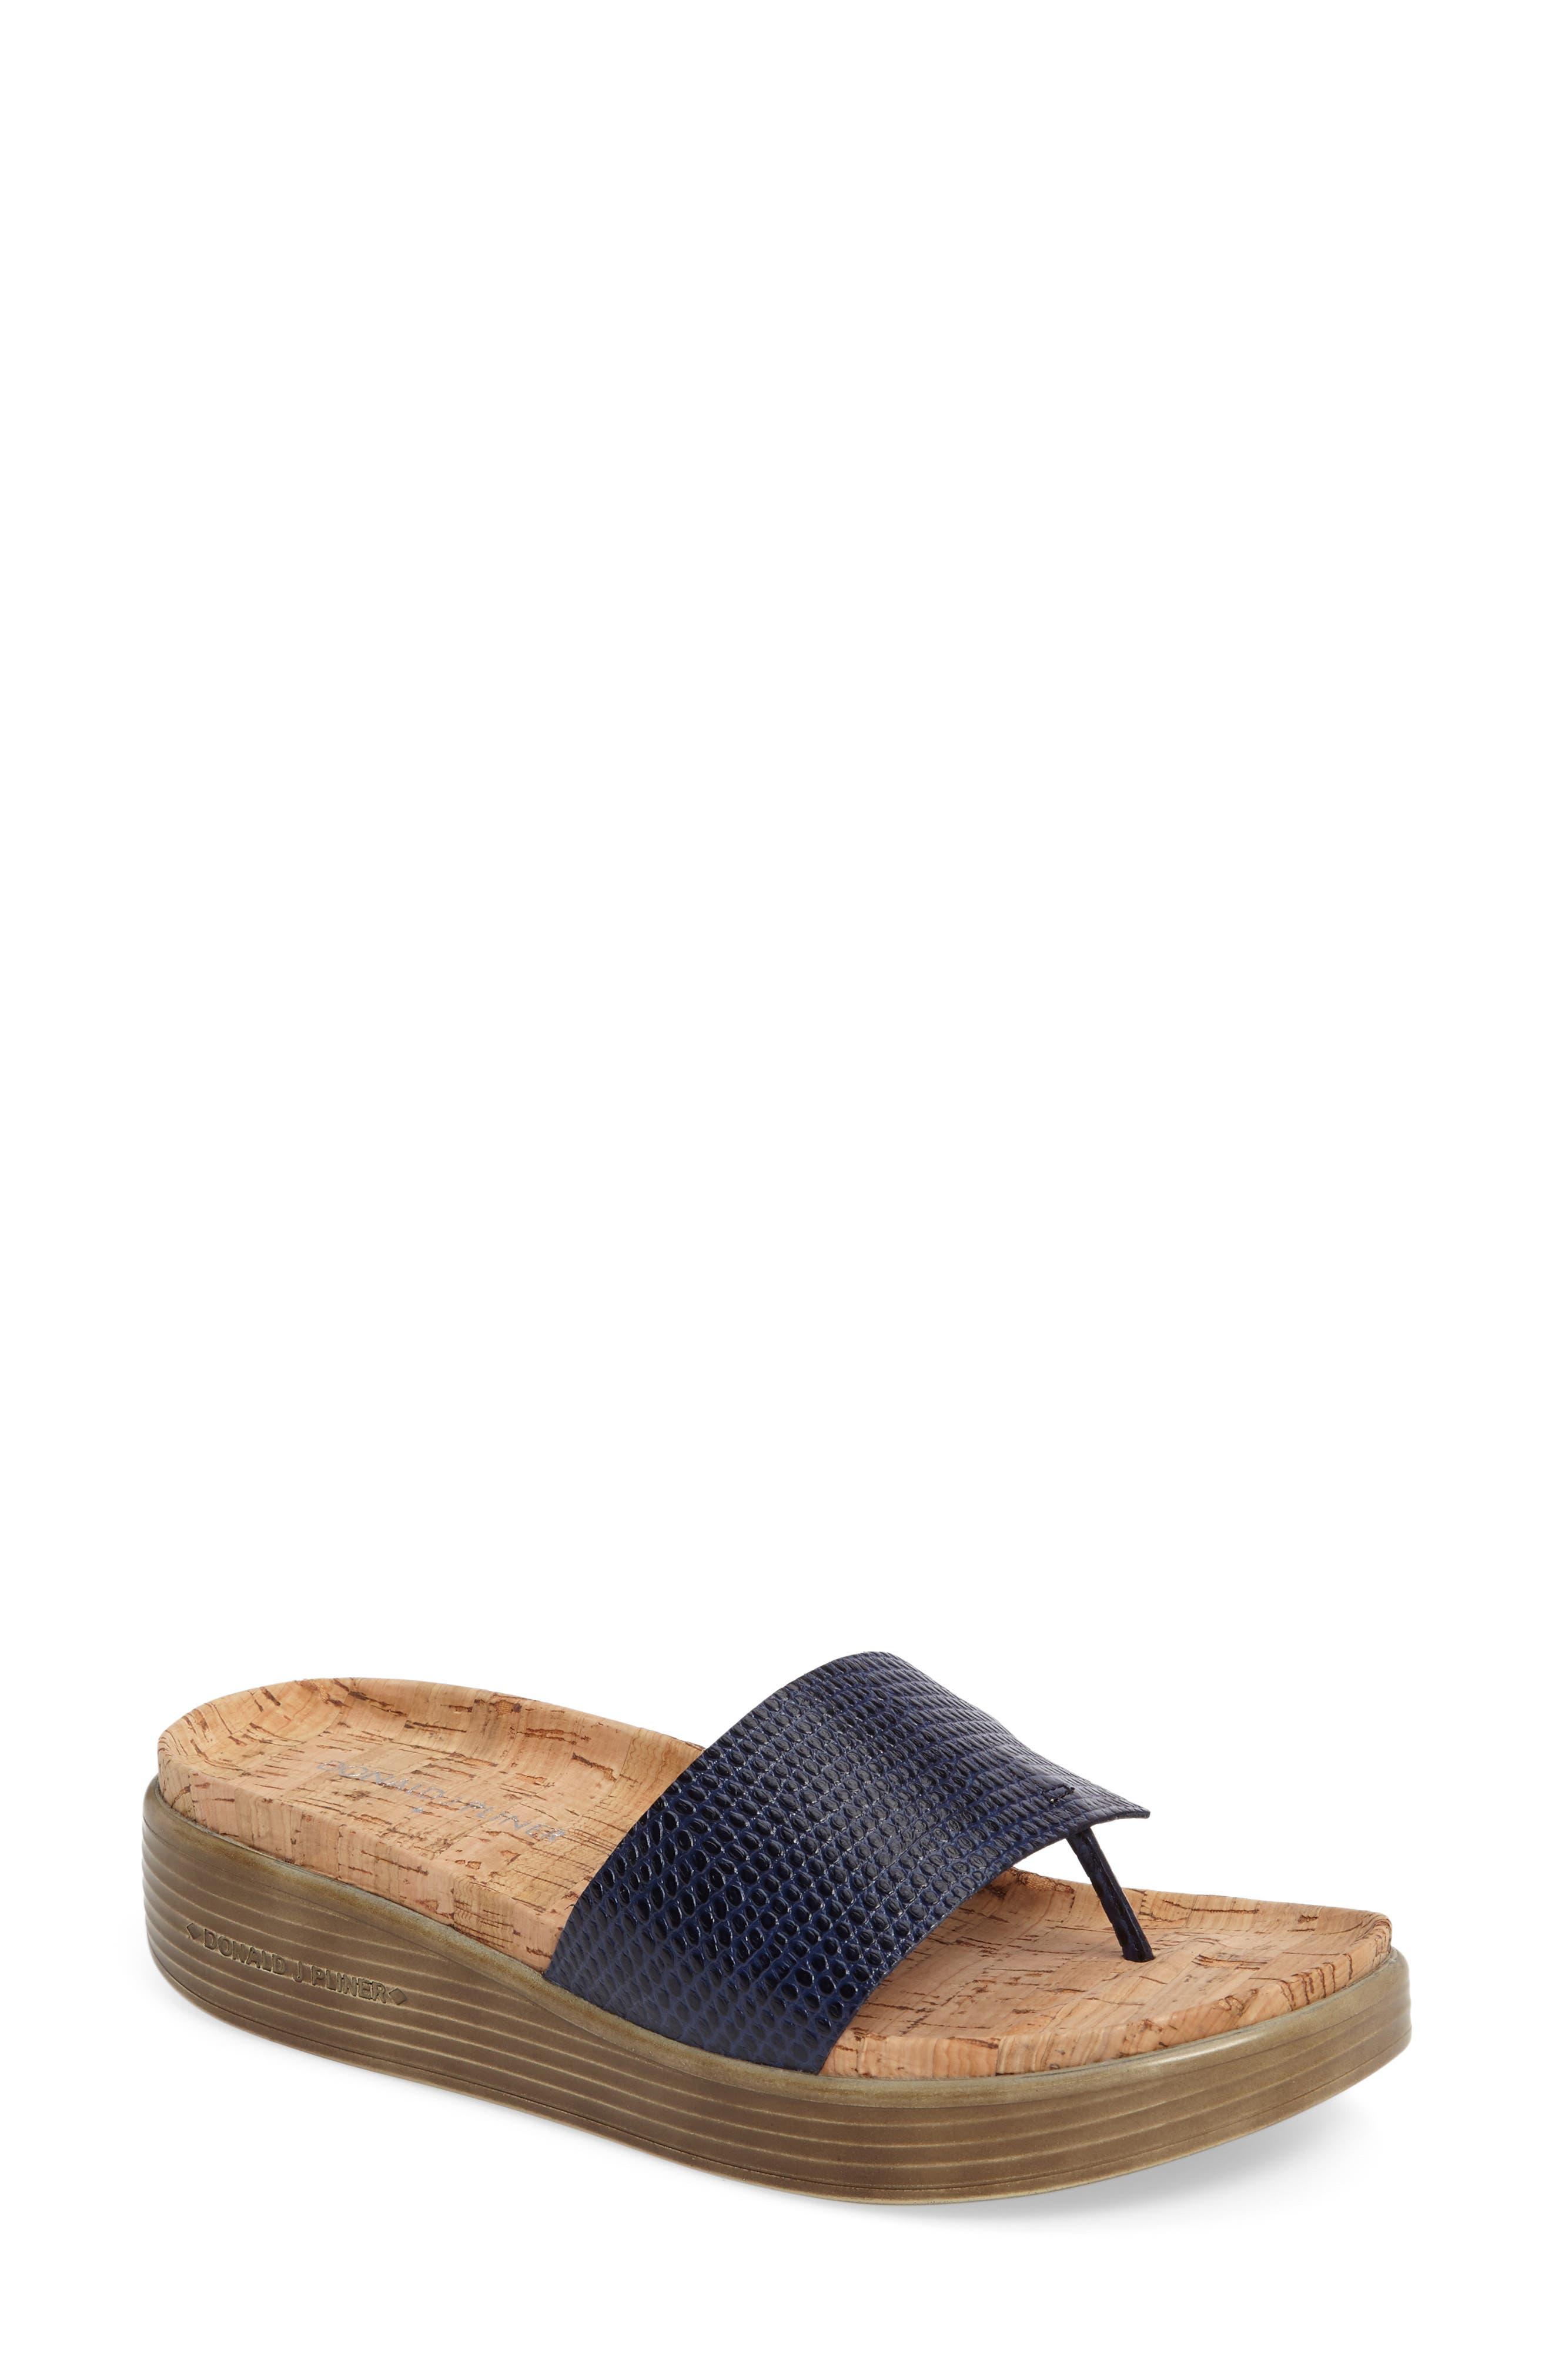 Alternate Image 1 Selected - Donald J Pliner 'Fifi' Slide Sandal (Women)